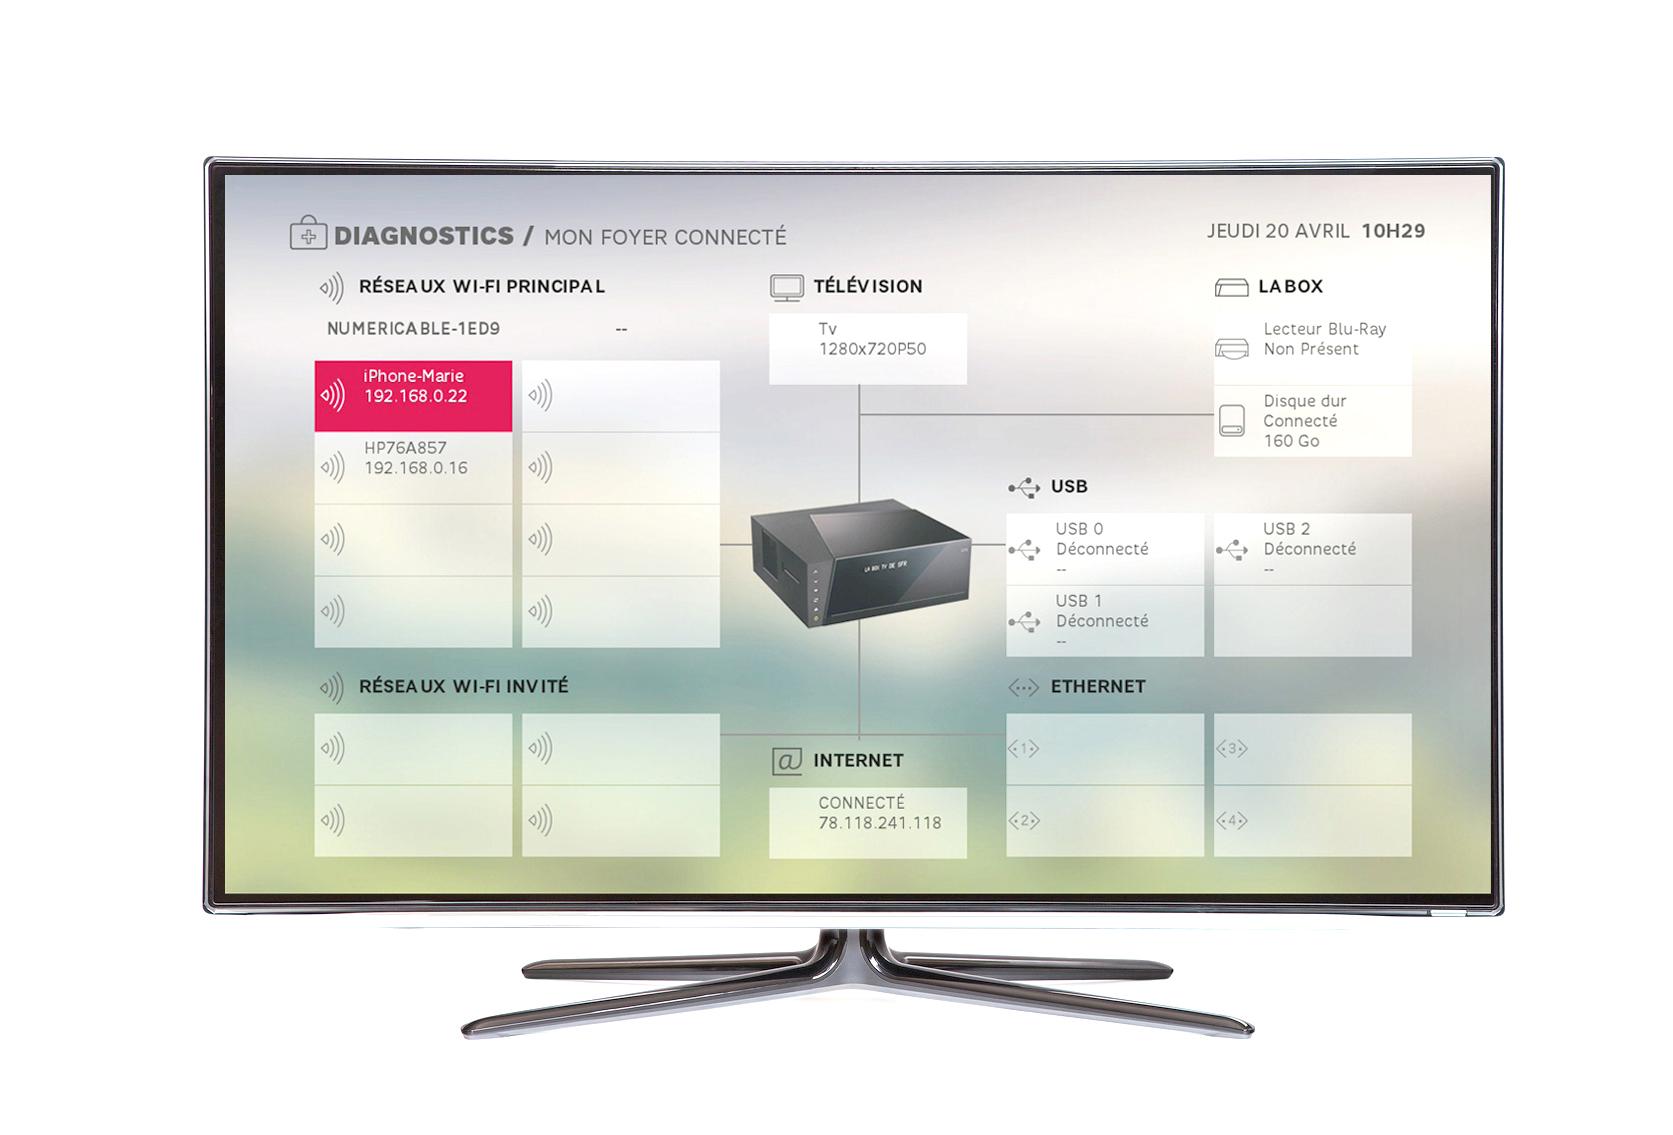 visualisez sur votre tv tous les appareils connect s la box sfr sfr news. Black Bedroom Furniture Sets. Home Design Ideas